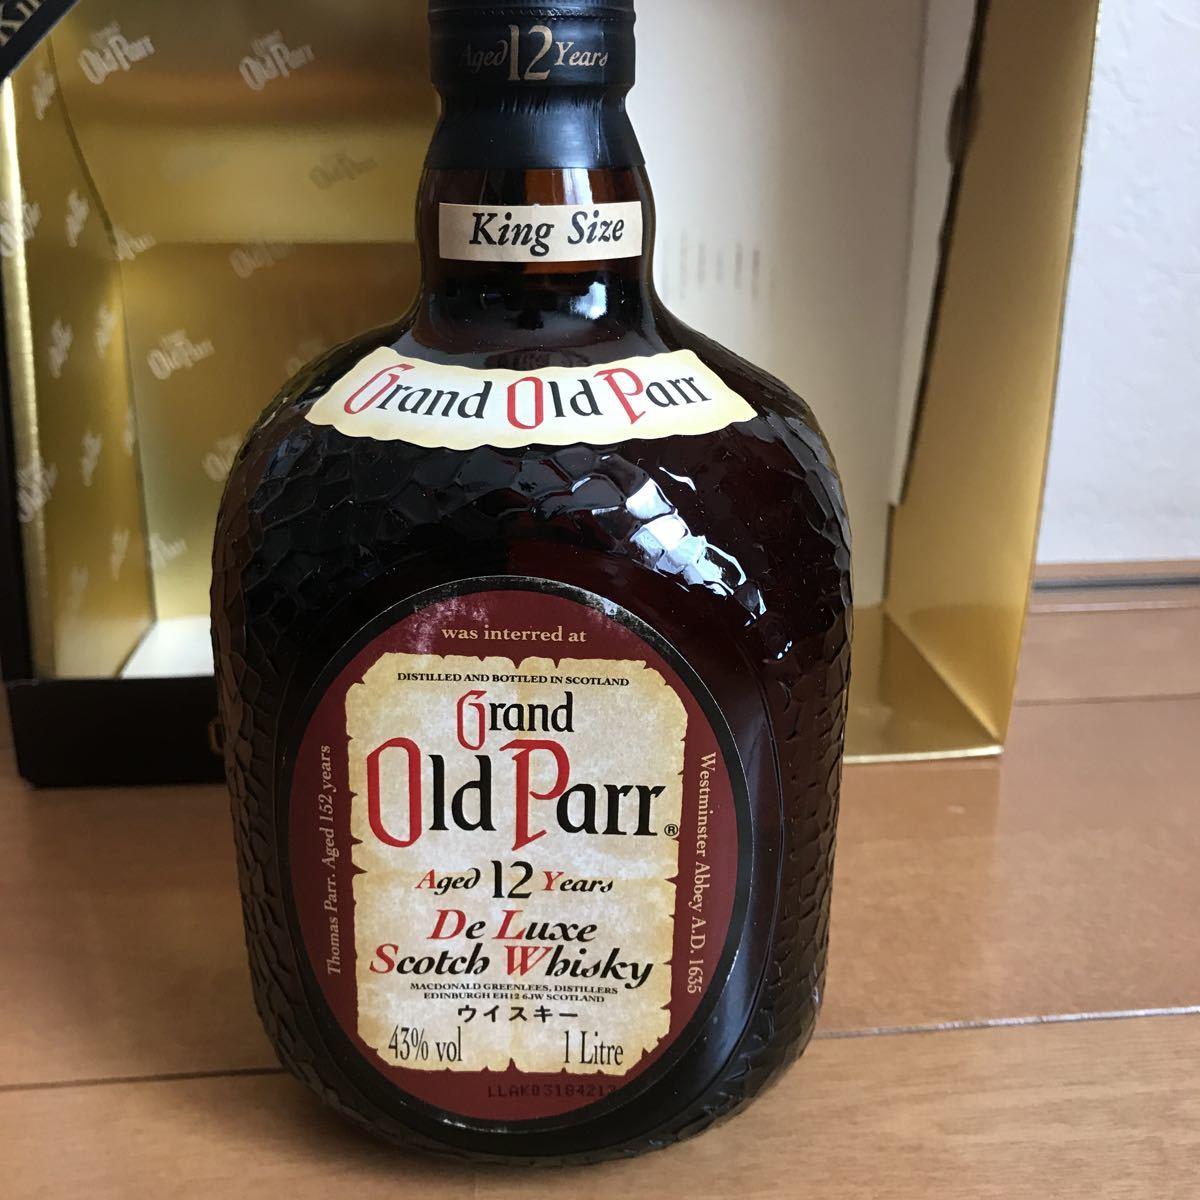 新品 未開封 古酒 グランド オールドパー 12年 43% 1l 箱入り キングサイズ_画像5